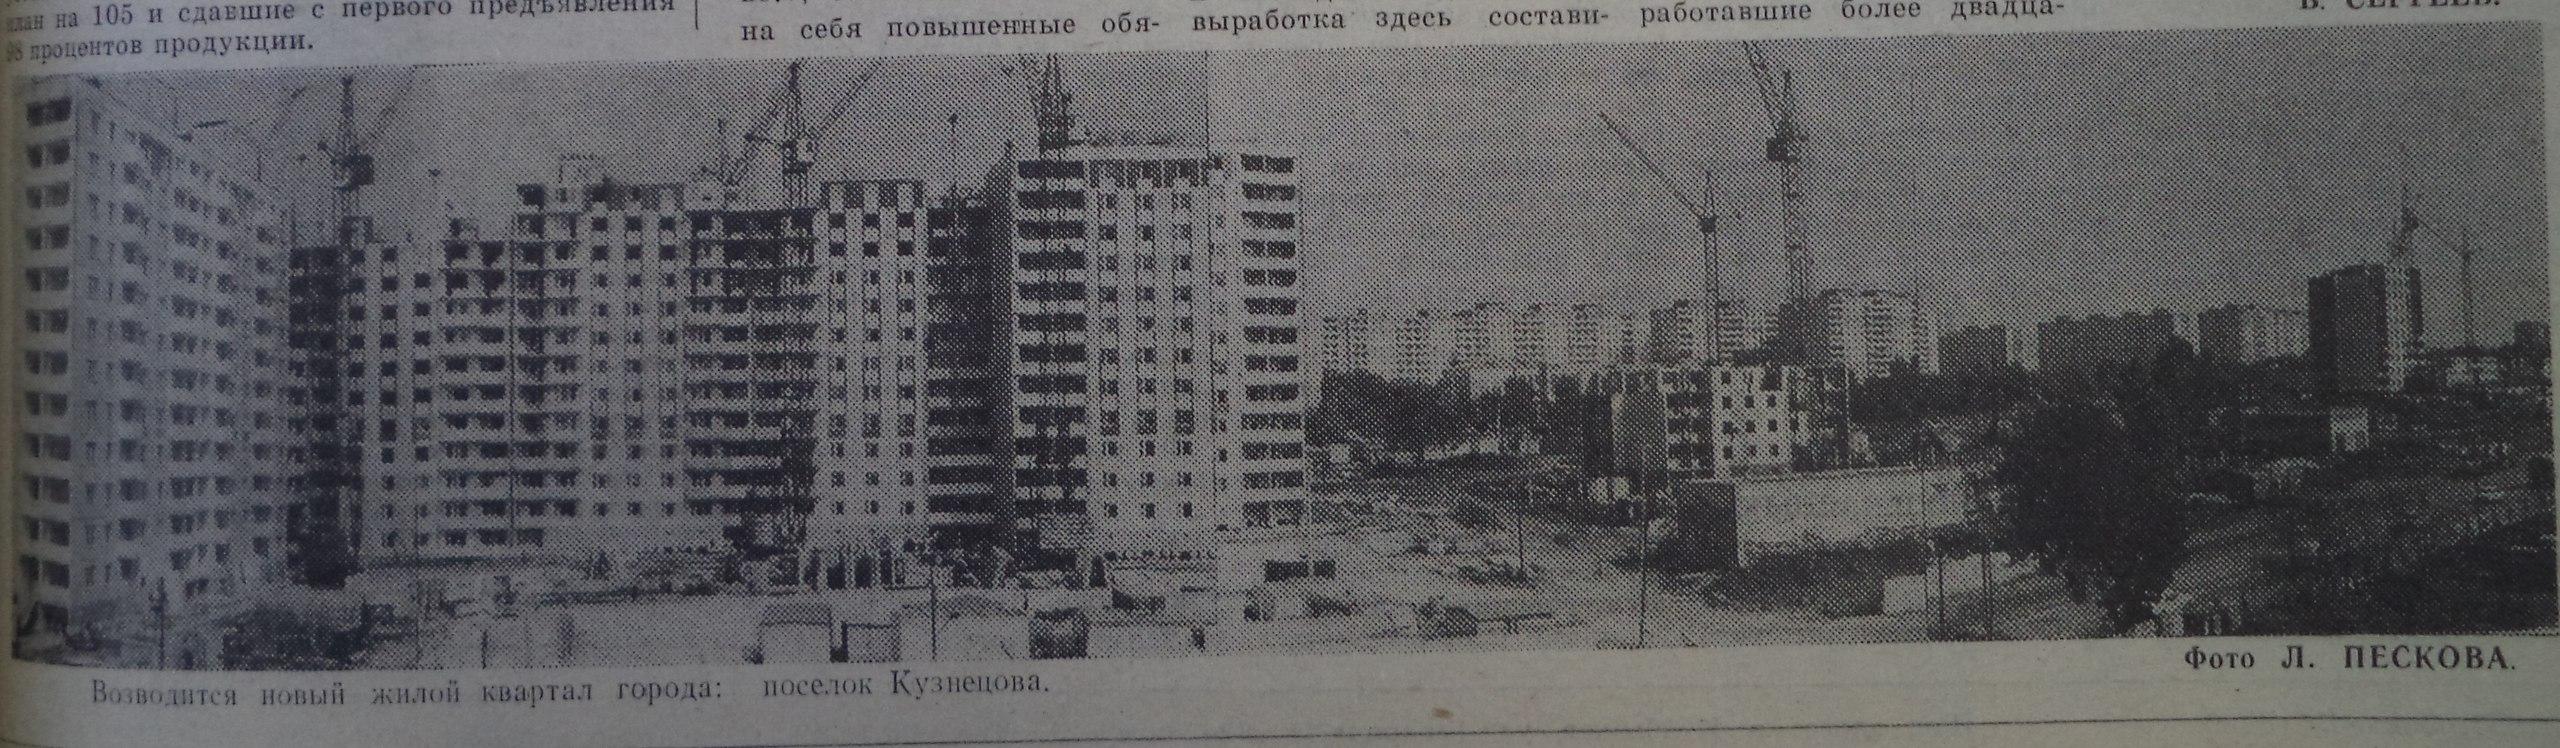 29 июня 1984